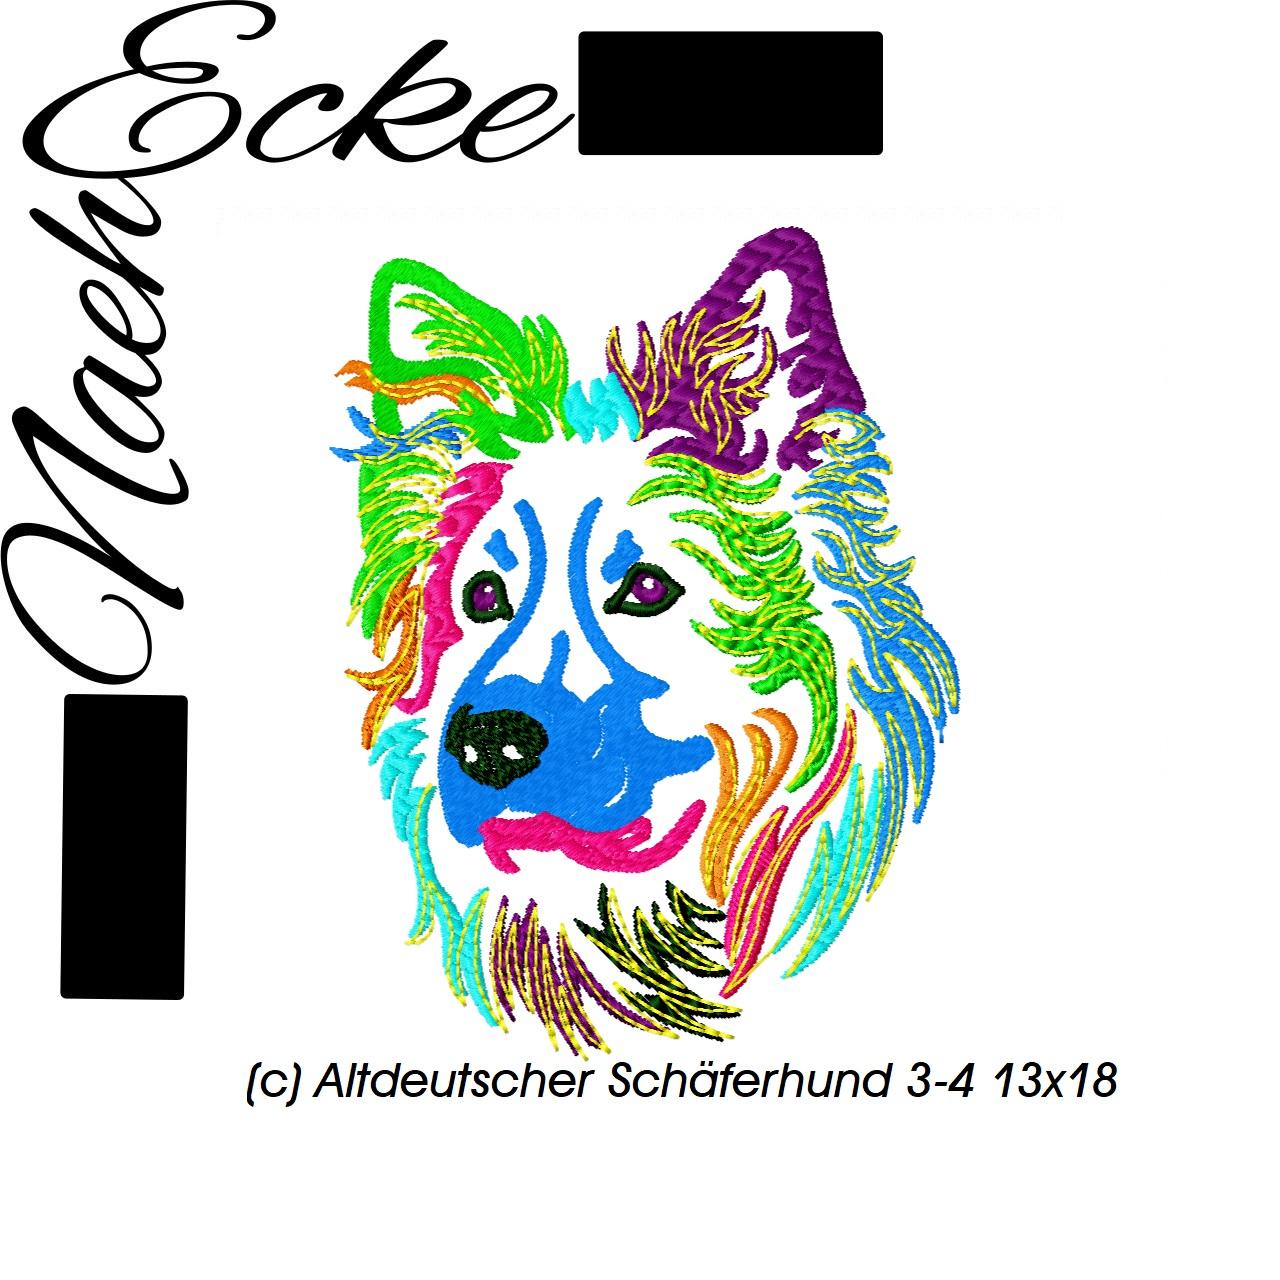 Altdeutscher Schäferhund 3-4